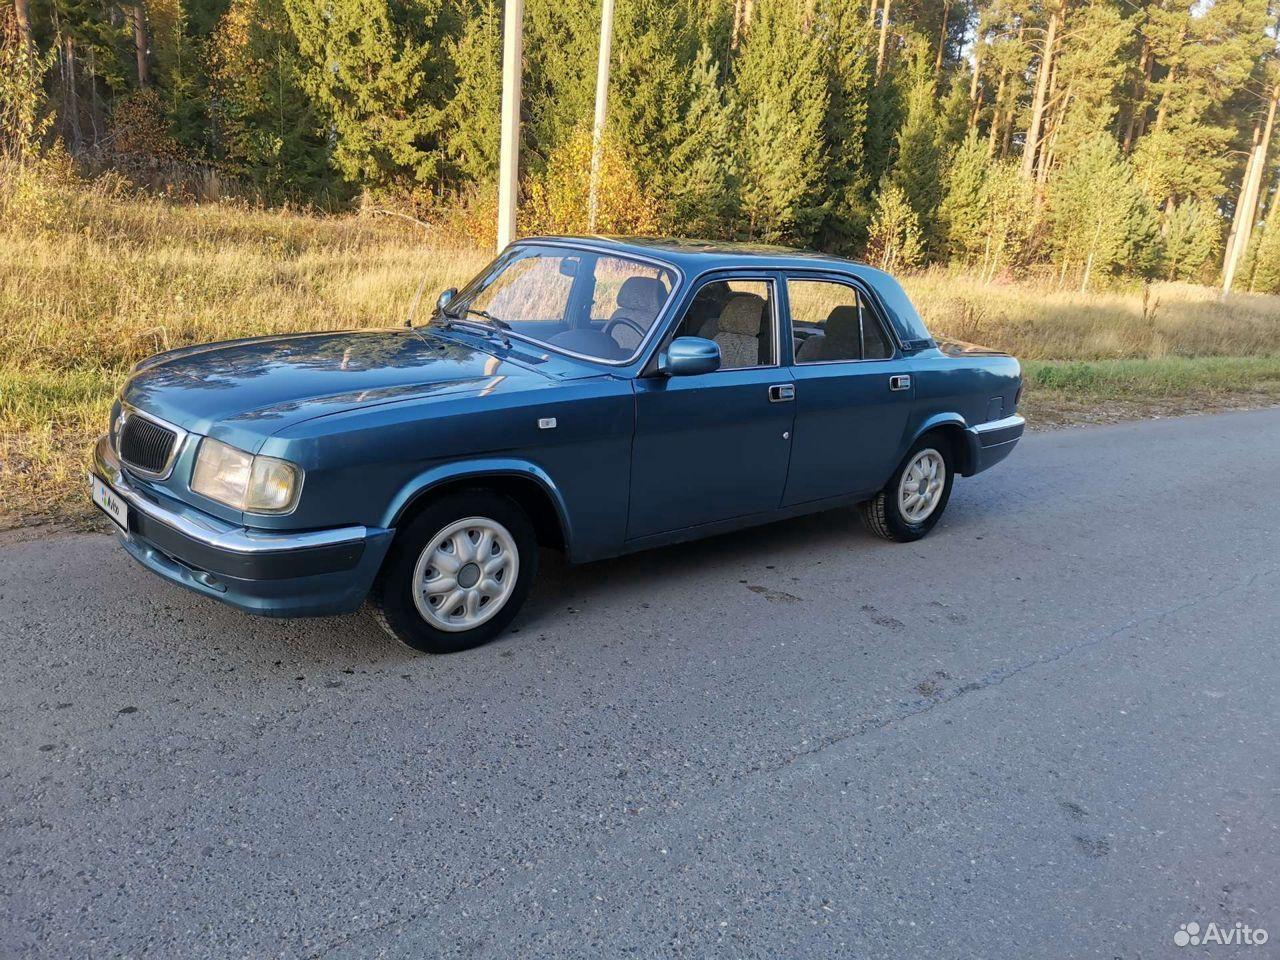 ГАЗ 3110 Волга, 2003  89090546418 купить 1